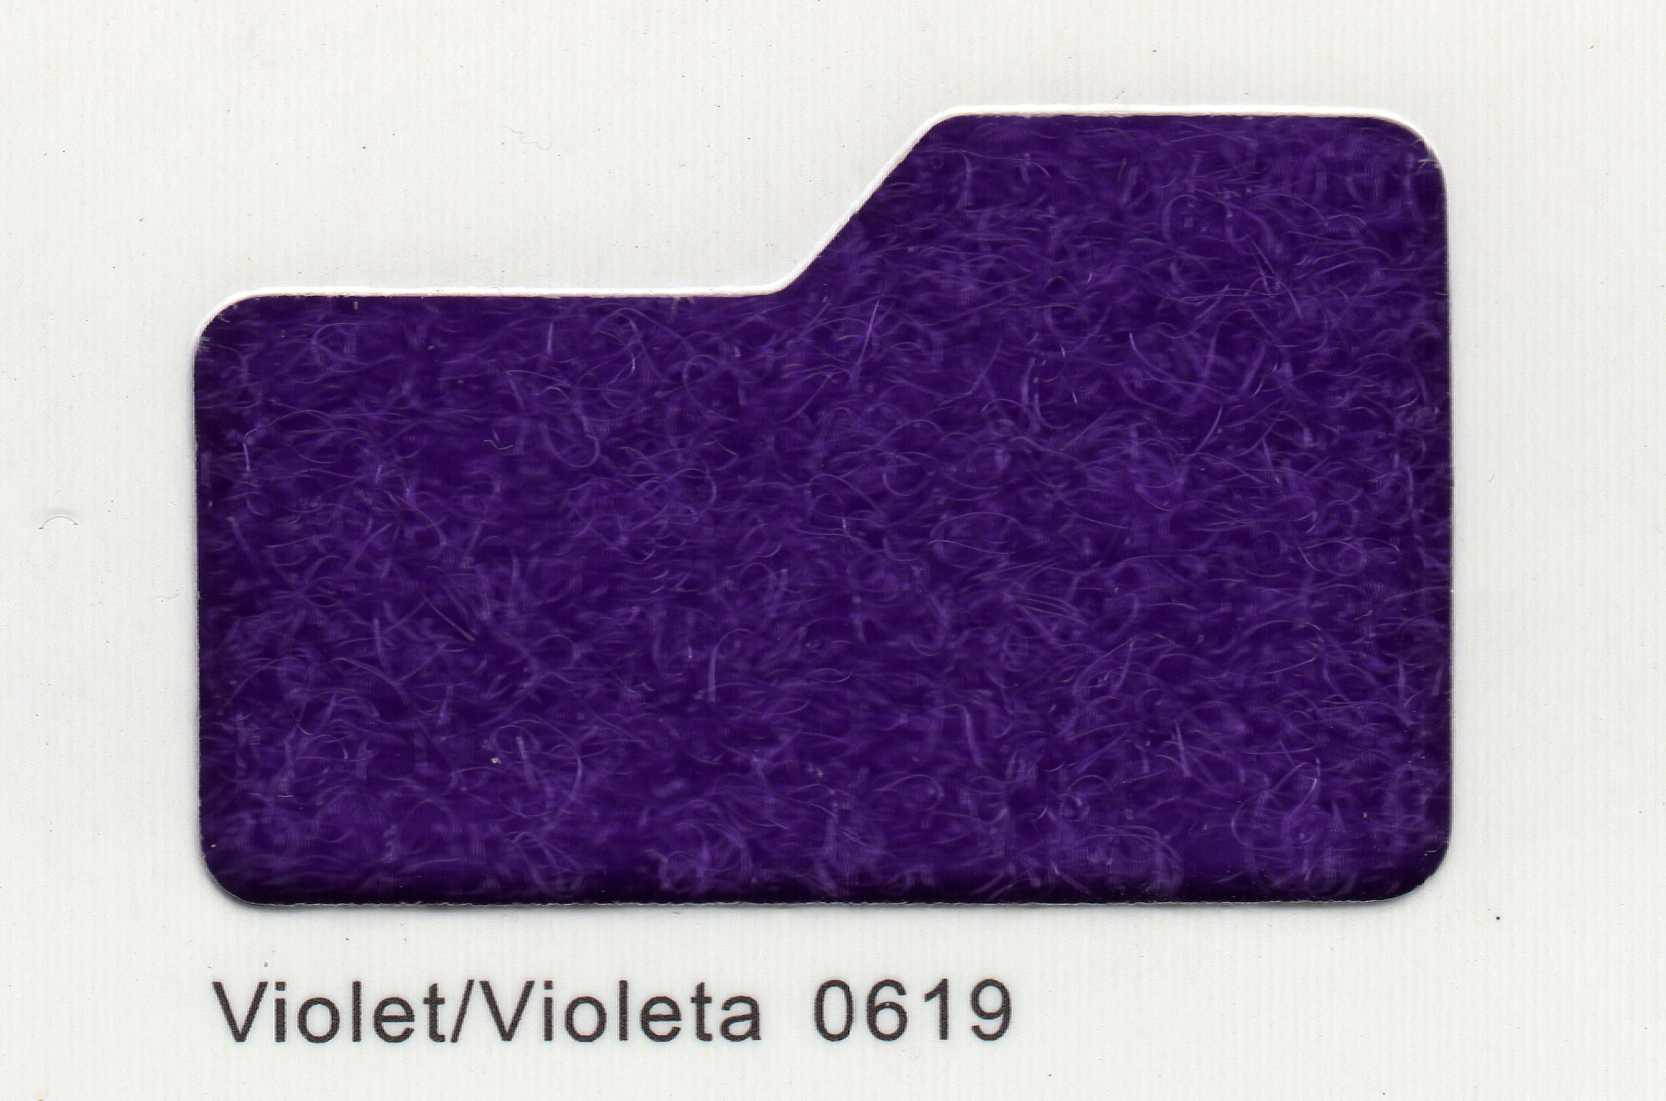 Cinta de cierre Velcro-Veraco 100mm Violeta 0619 (Rizo).